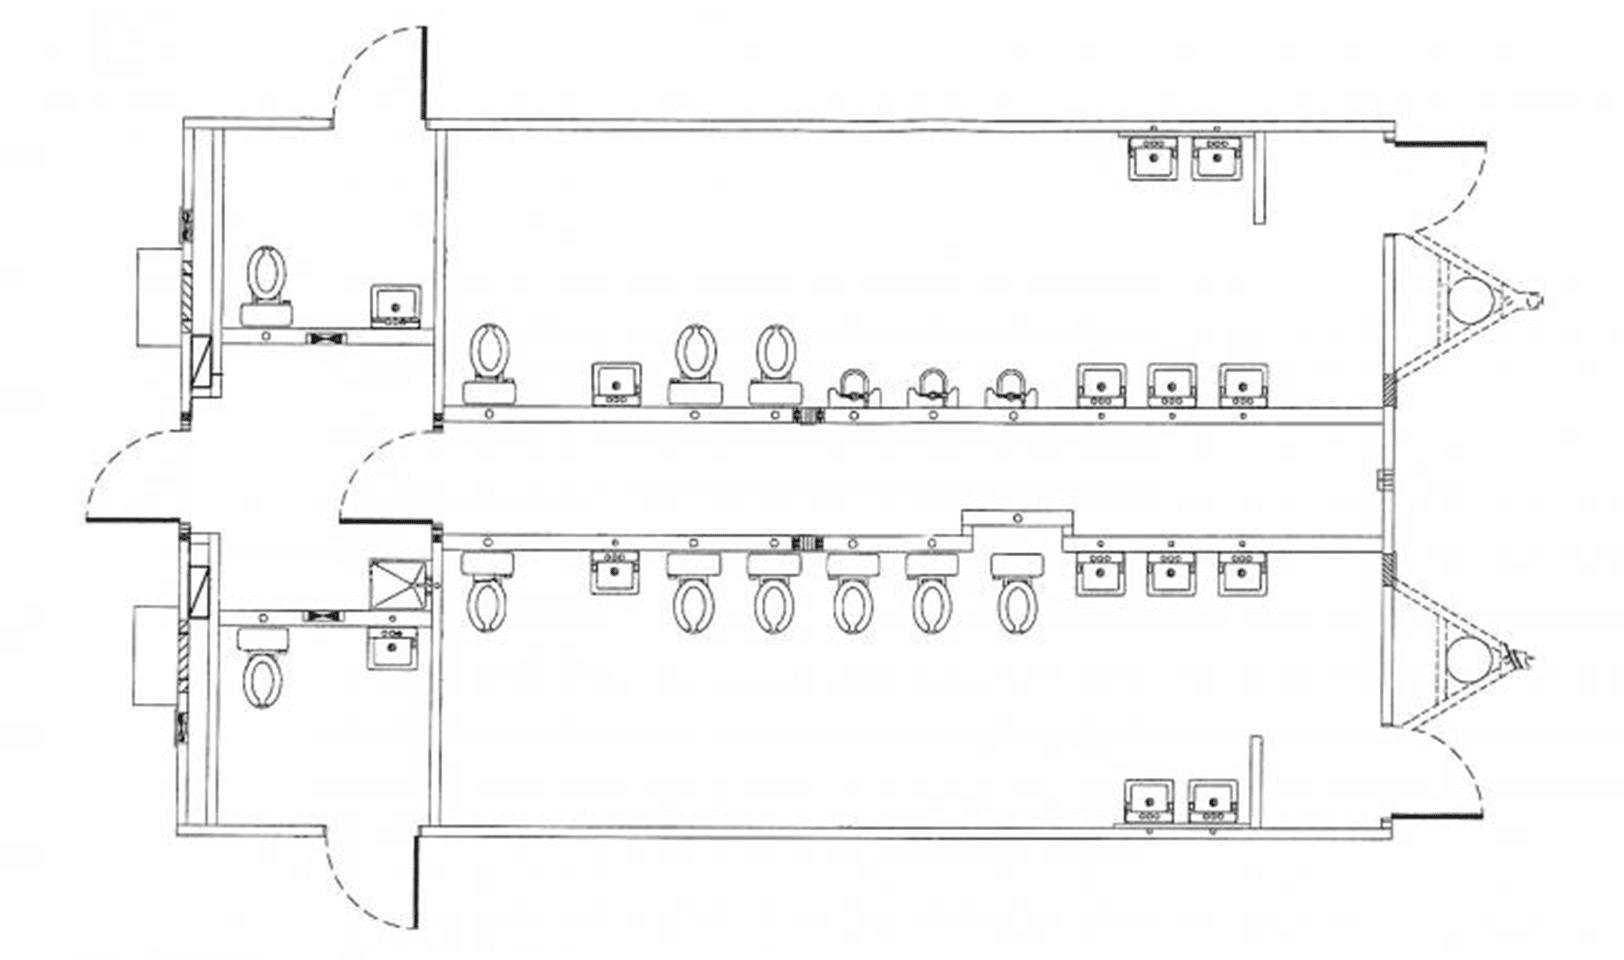 24' x 40' modular restroom building floor plan